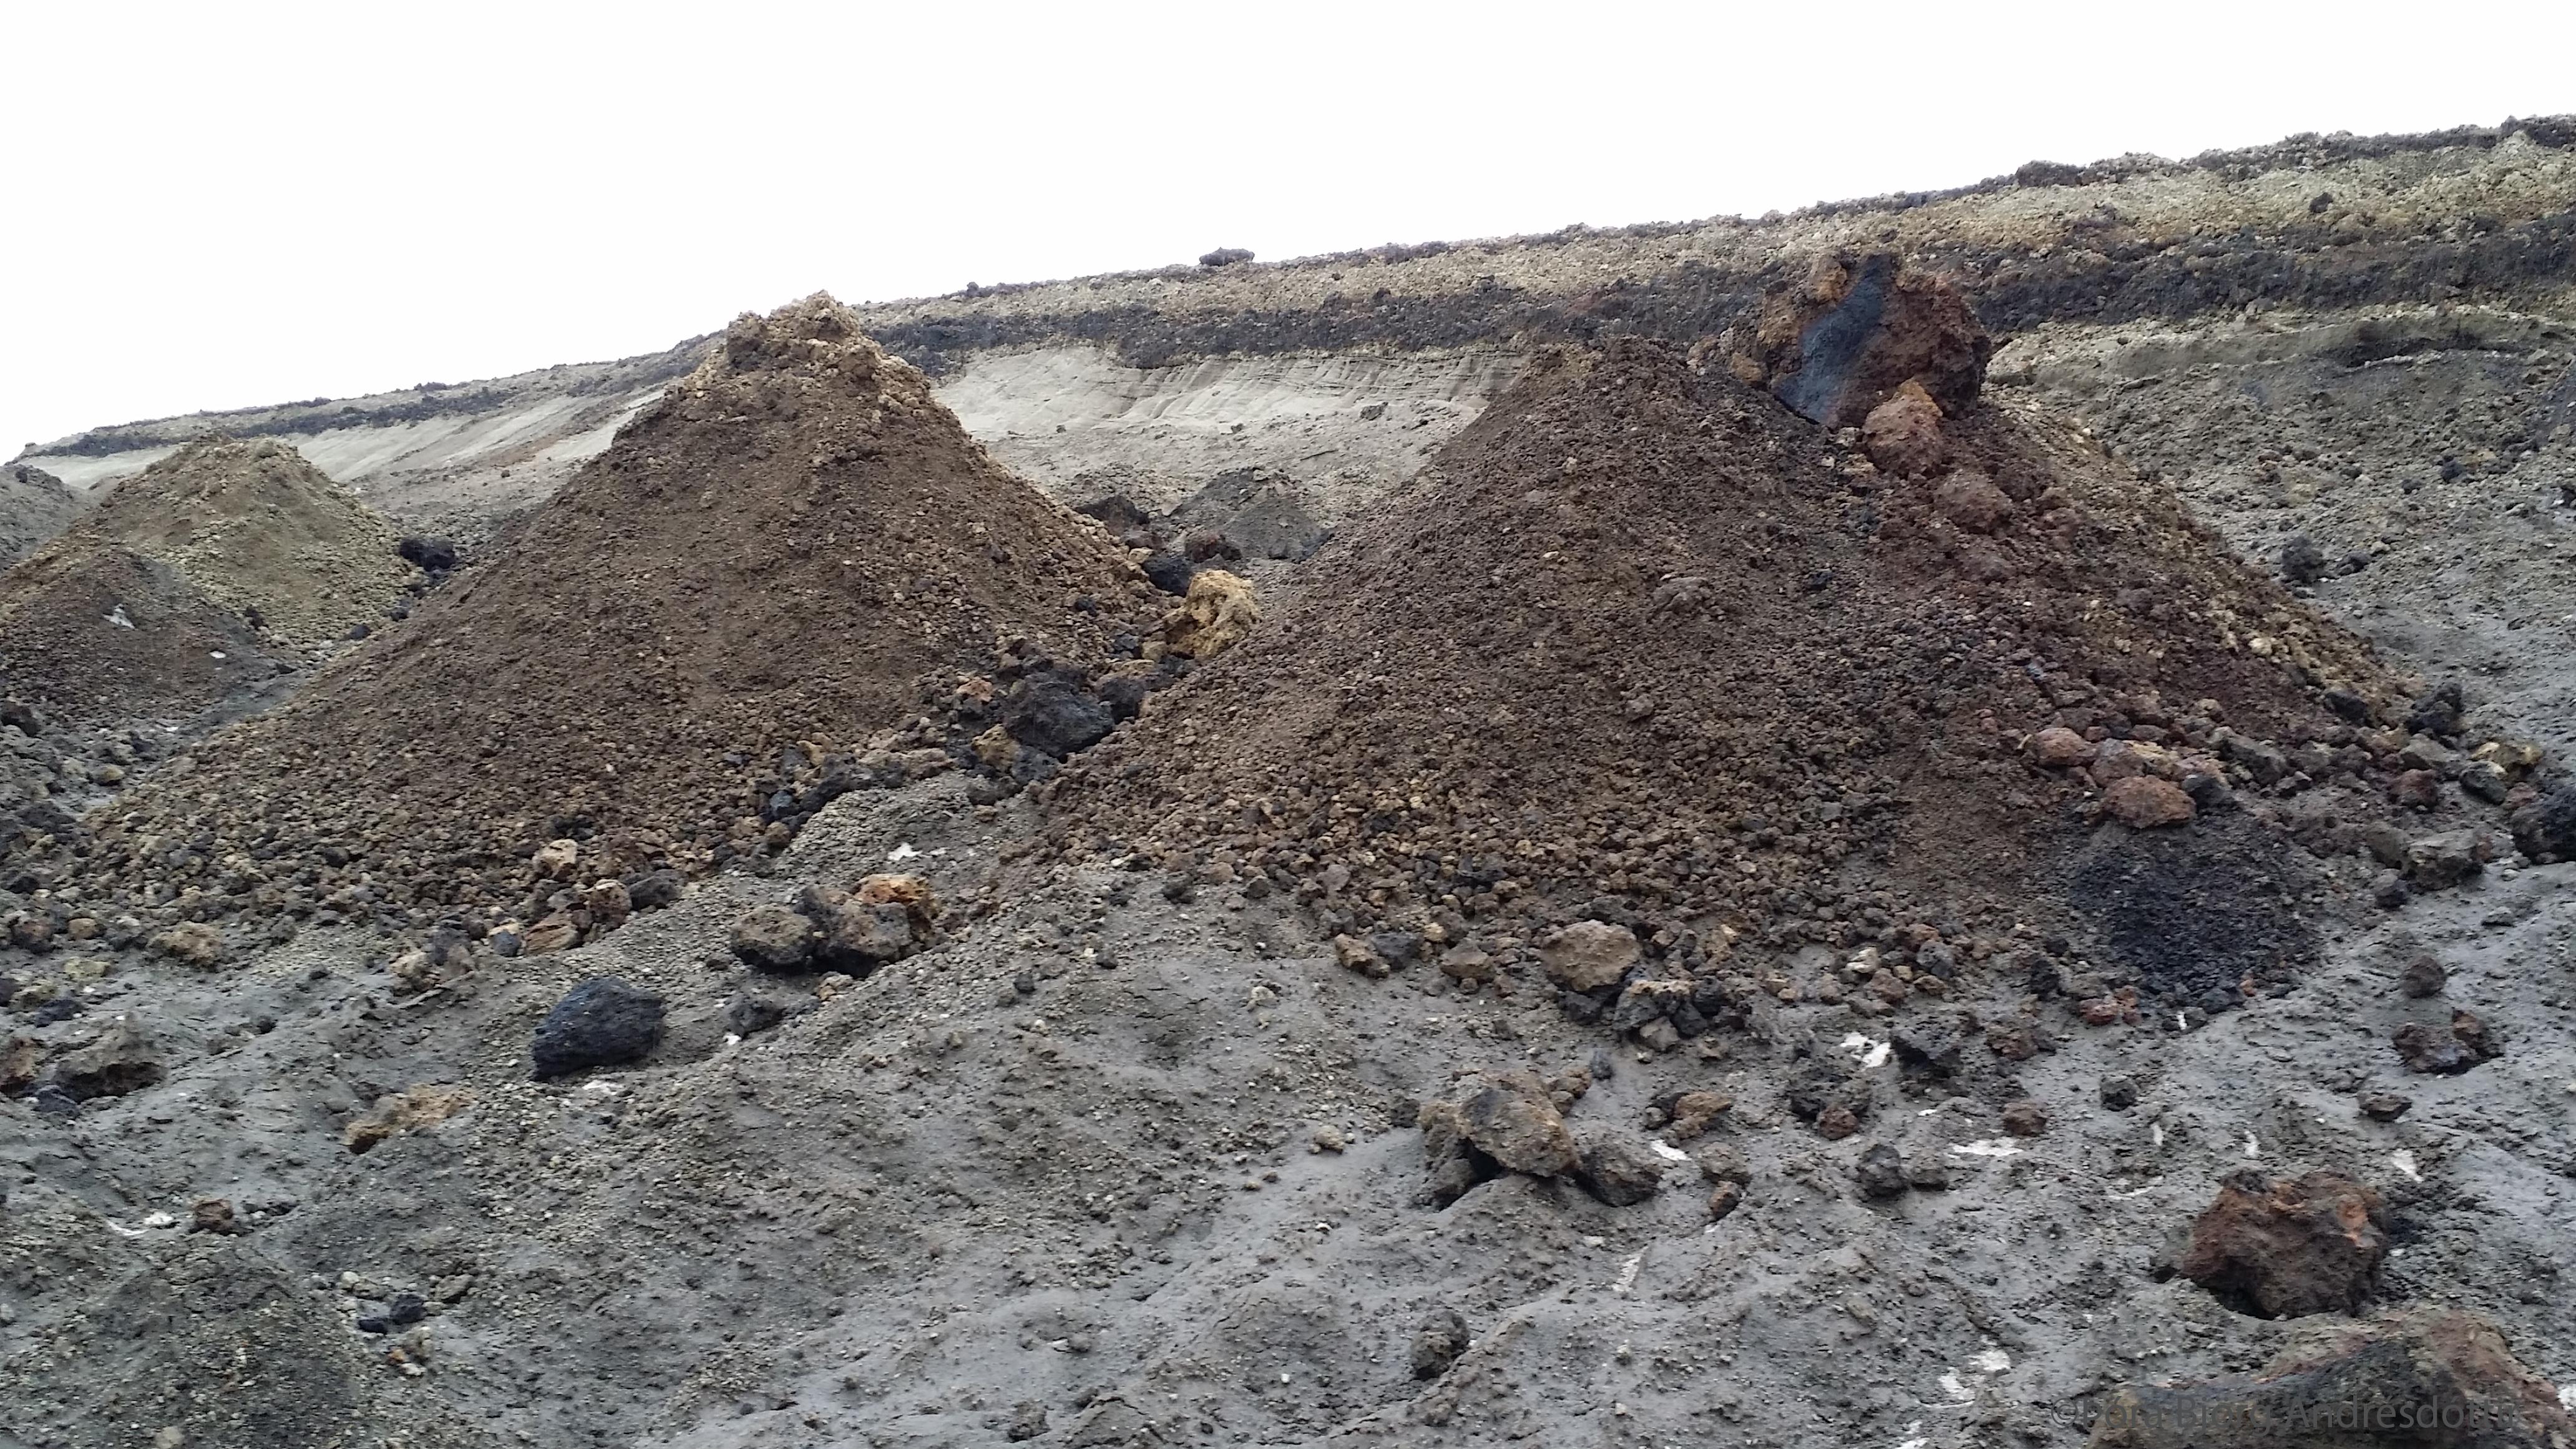 Sethólar eftir flóðbylgjuna í Öskjuvatni í júlí 2014.